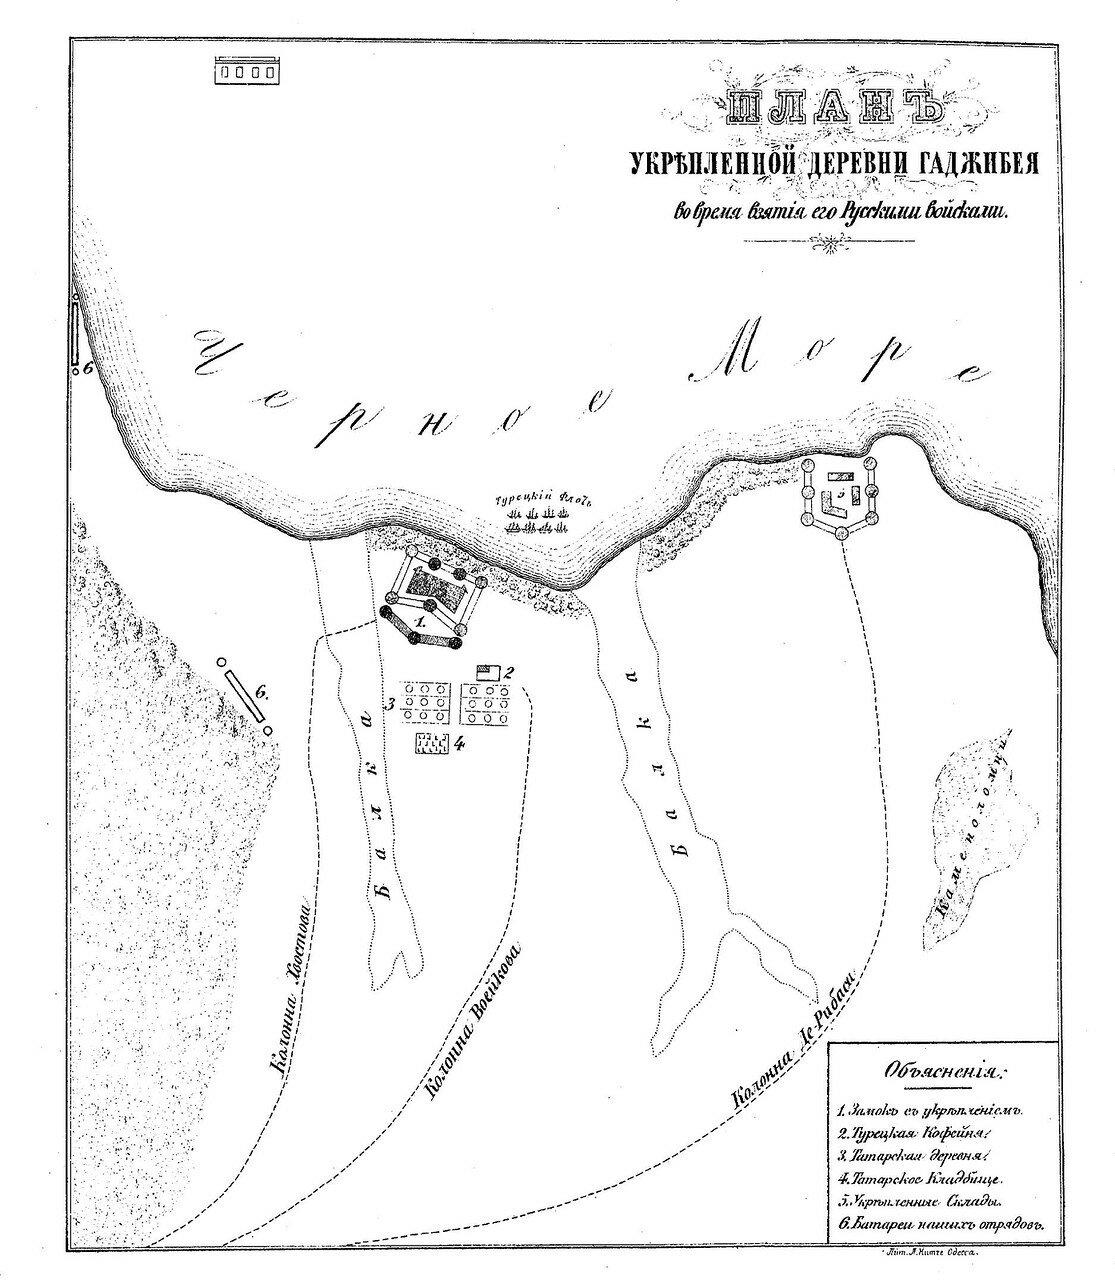 1789. План укрепленной деревни Гаджибея